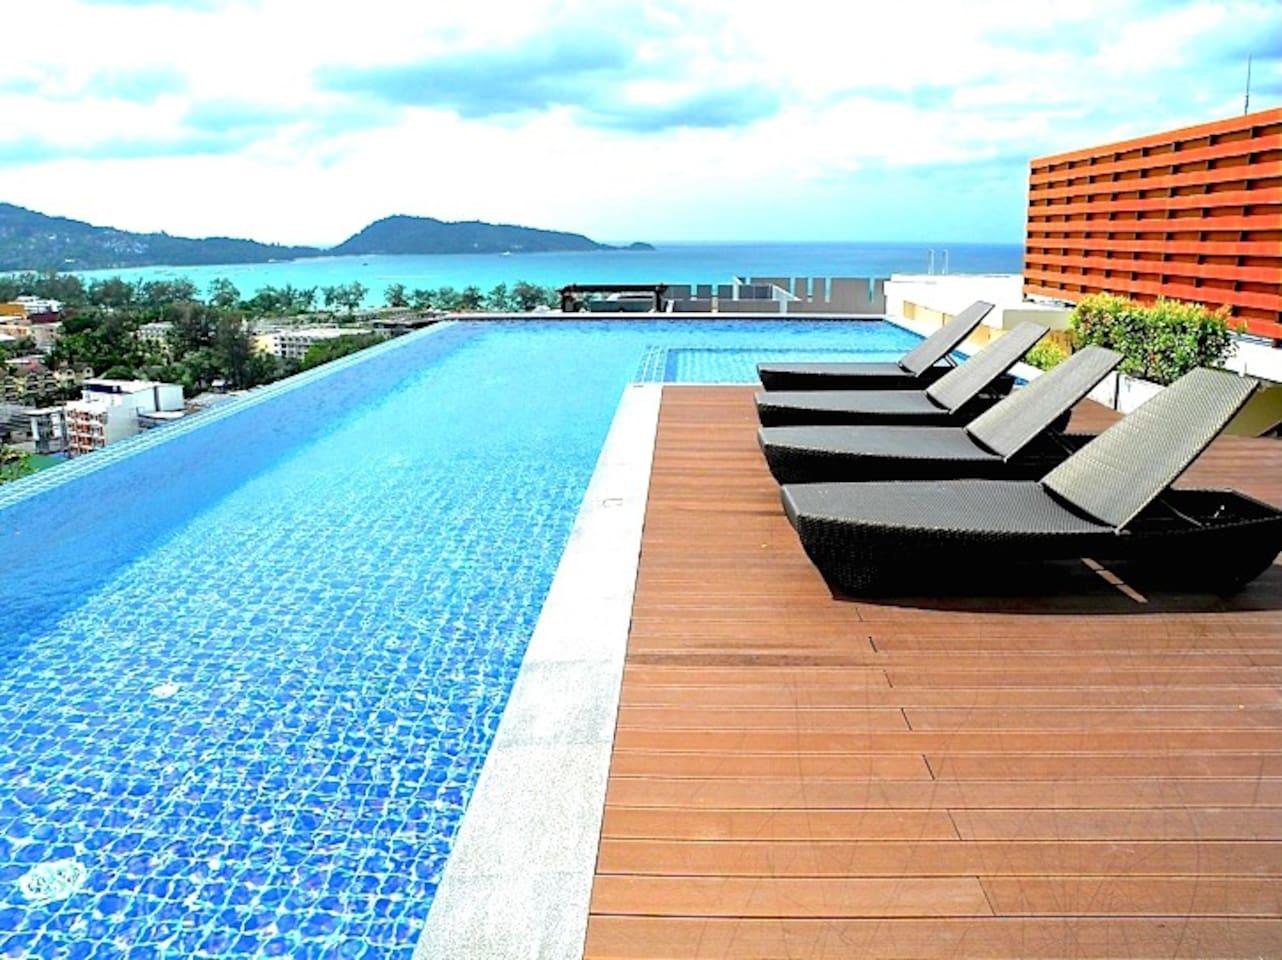 Sun Loungers / Swimming pool